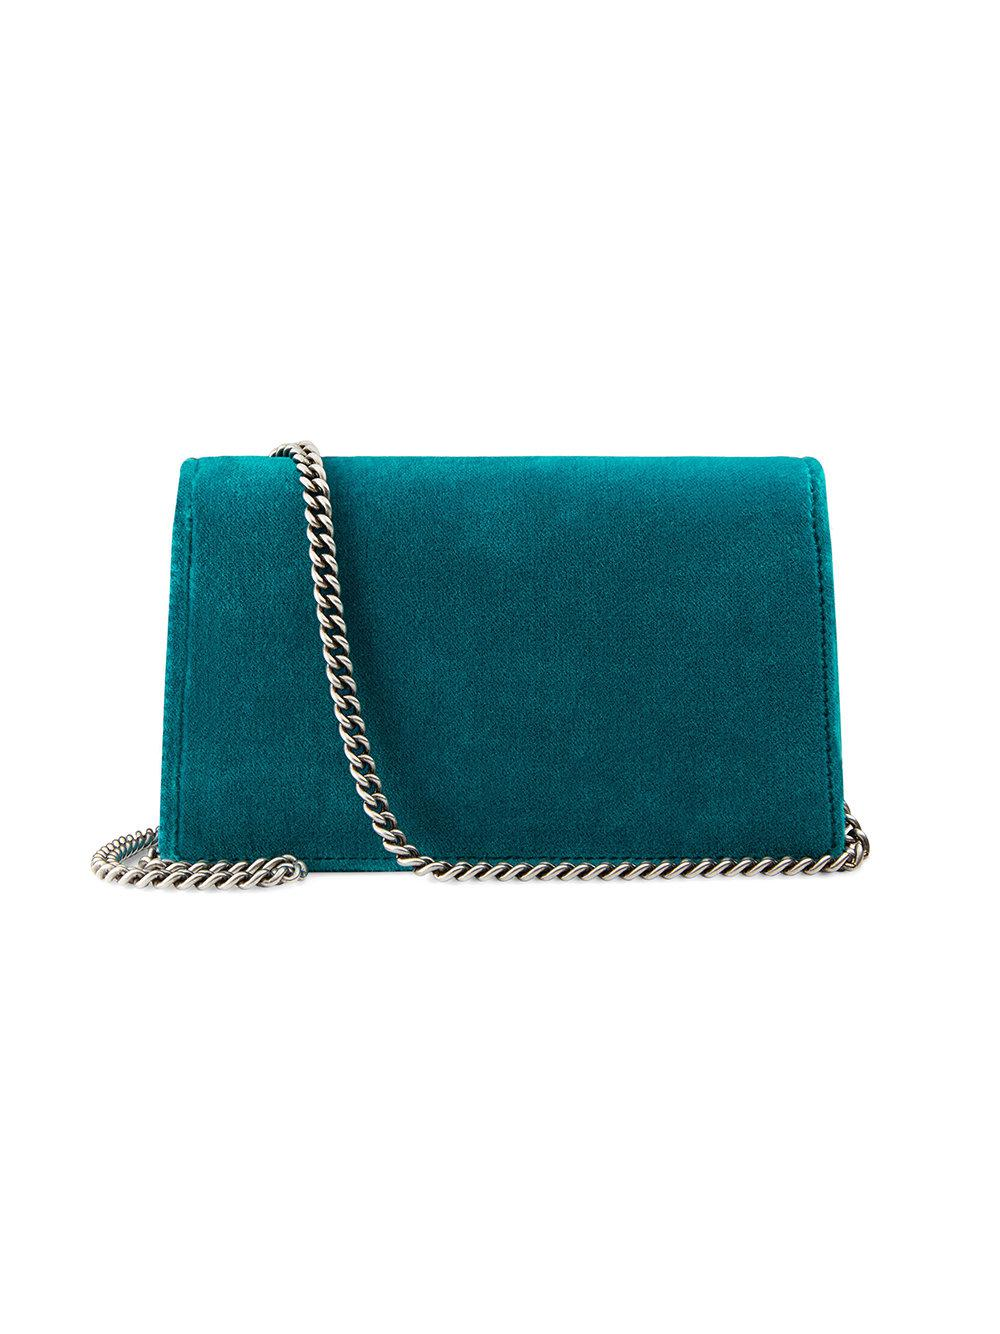 03a0e9721d Lyst - Gucci Dionysus Velvet Super Mini Bag in Blue